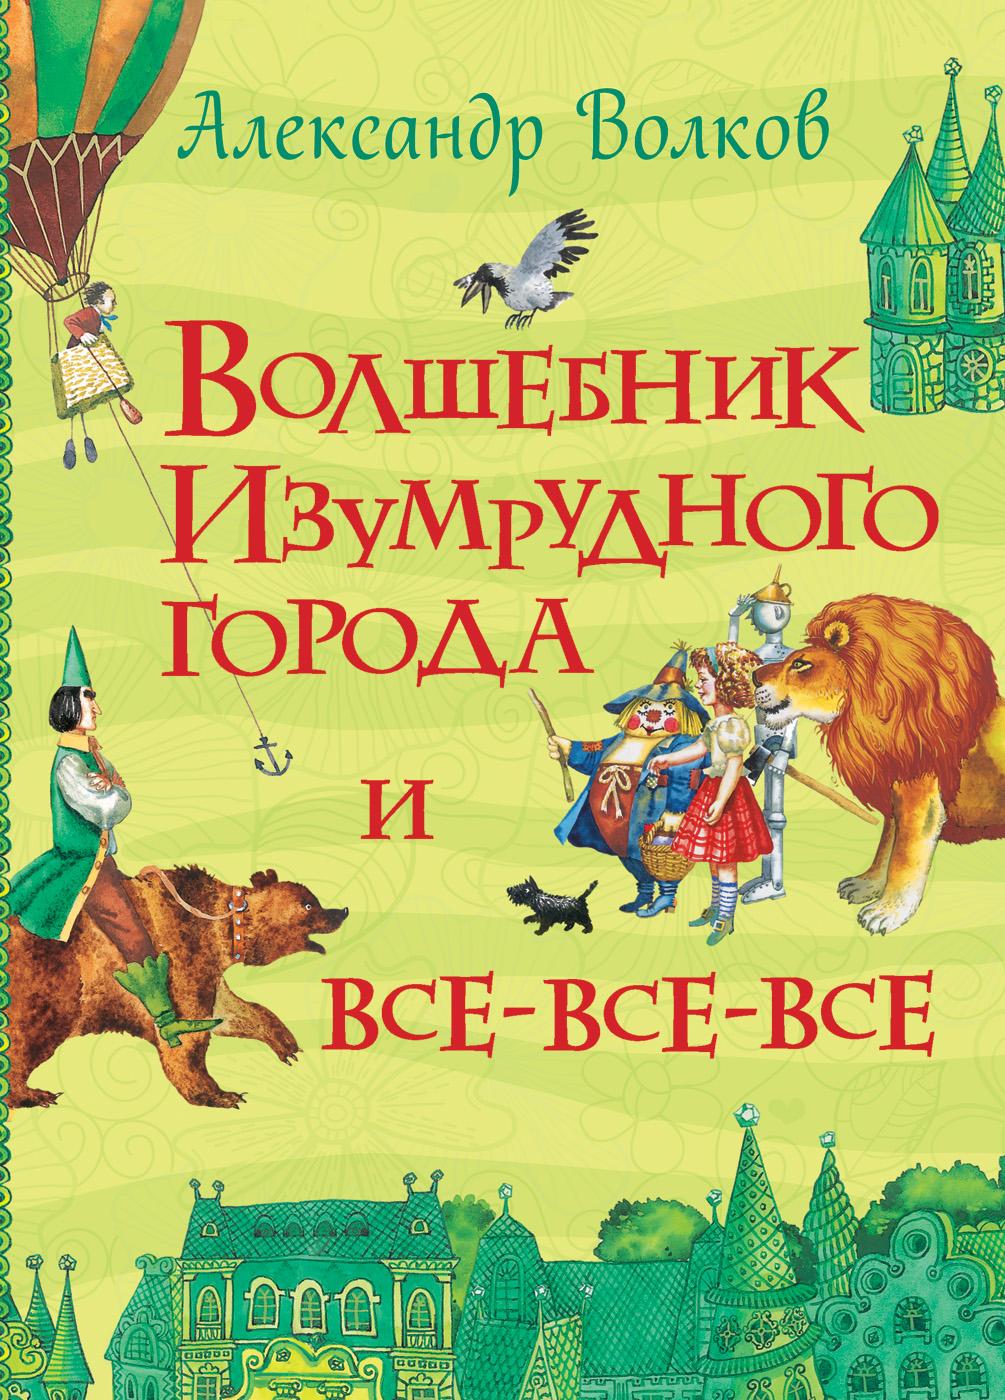 Волков А.М. Волков А. Волшебник Изумрудного города а волков волшебник изумрудного города тайна заброшенного замка комплект из 2 книг